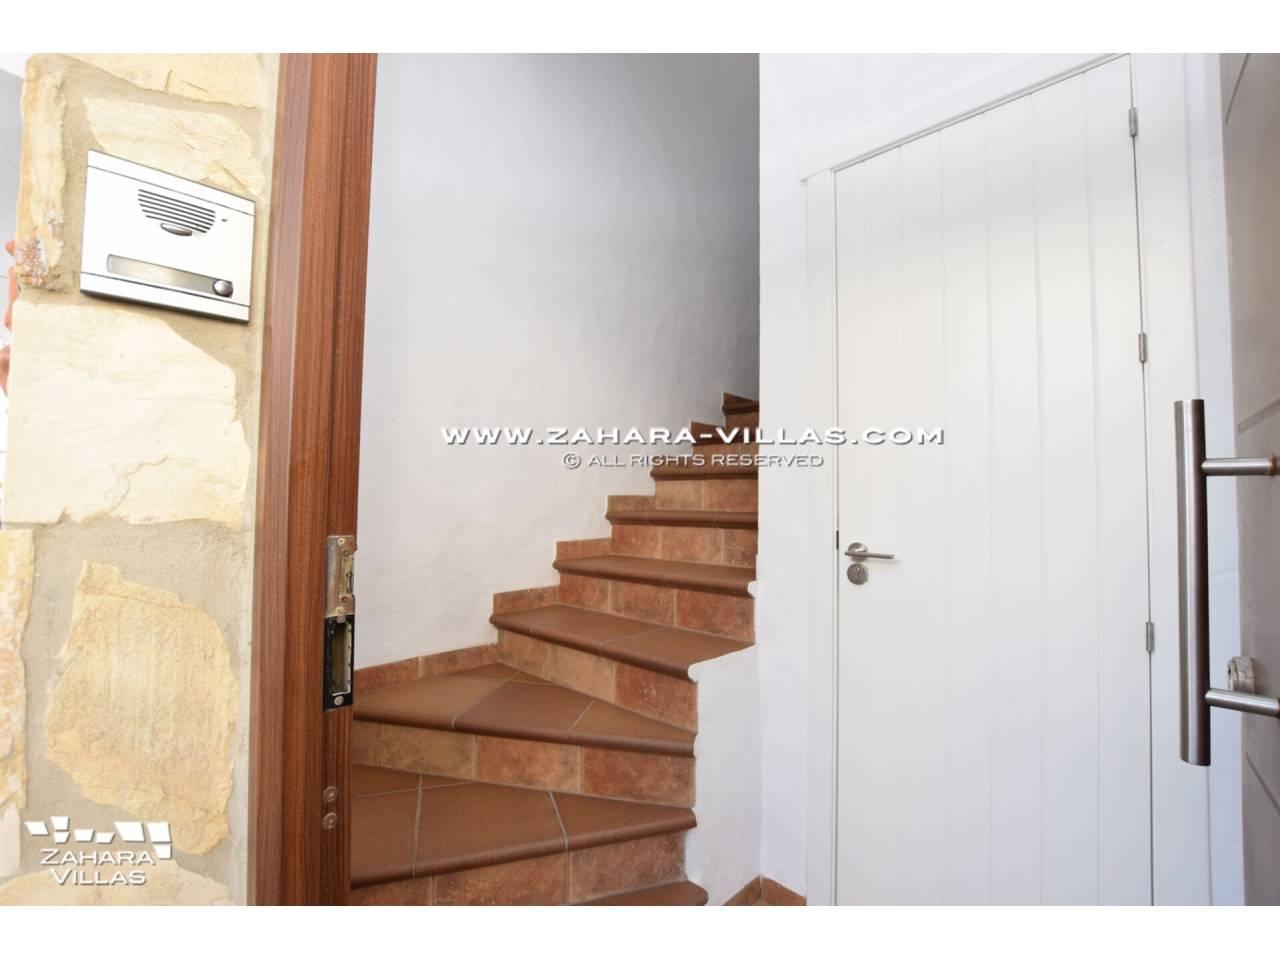 Imagen 40 de Haus zum verkauf in Zahara de los Atunes